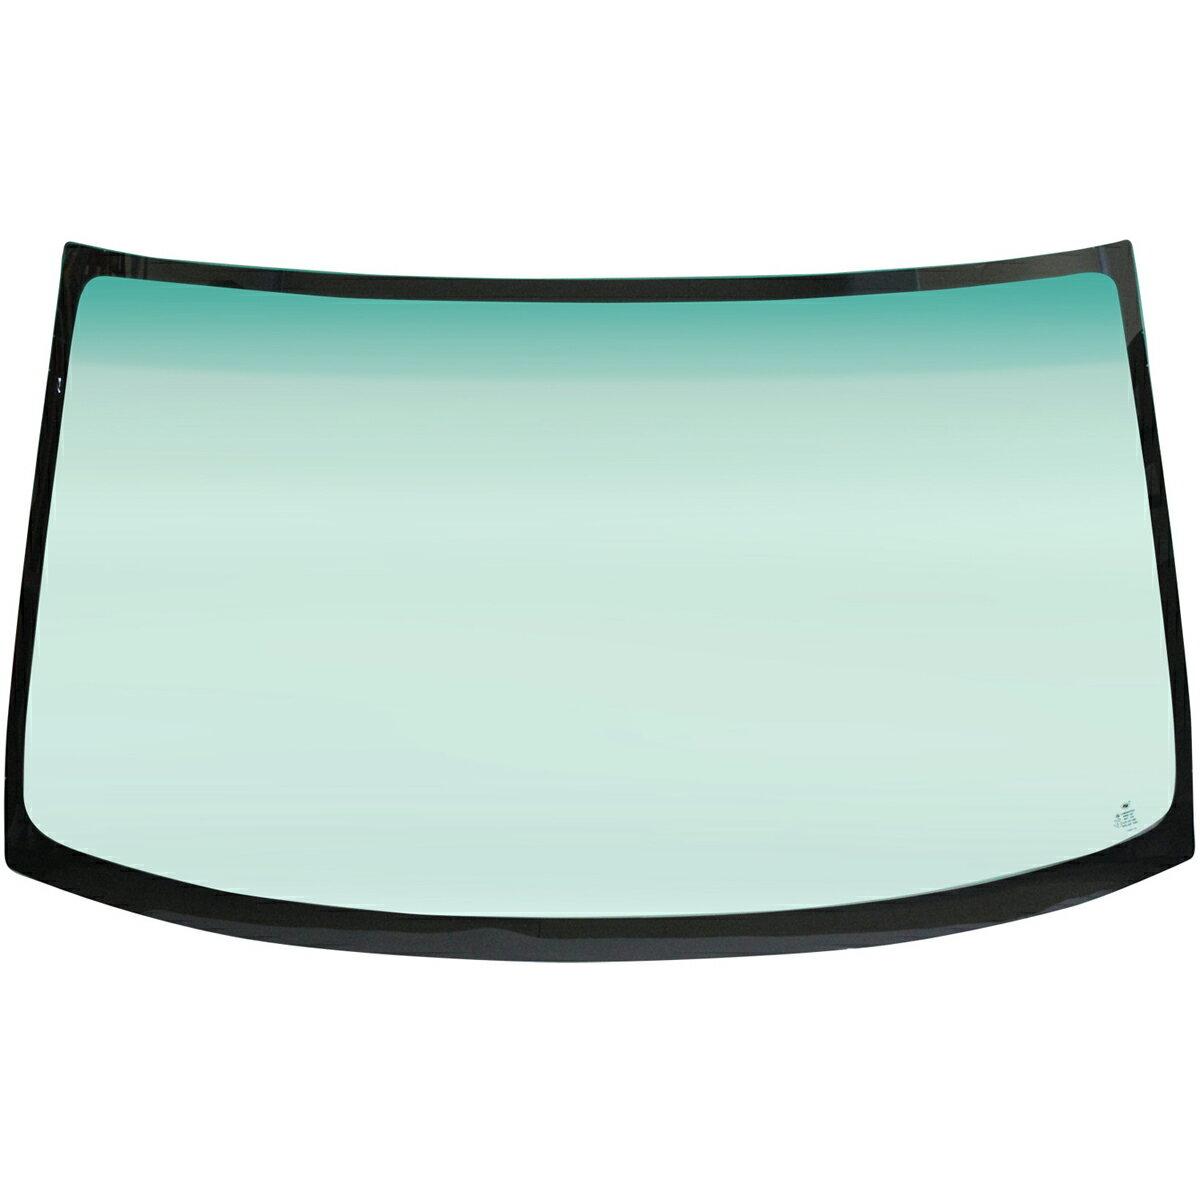 マツダ フレアワゴン 5D WG用フロントガラス 車両型式:MM21S系 年式:H.24.6-H.25.3 ガラス型式:1A15E ガラス色:グリーン ボカシ:グリーン